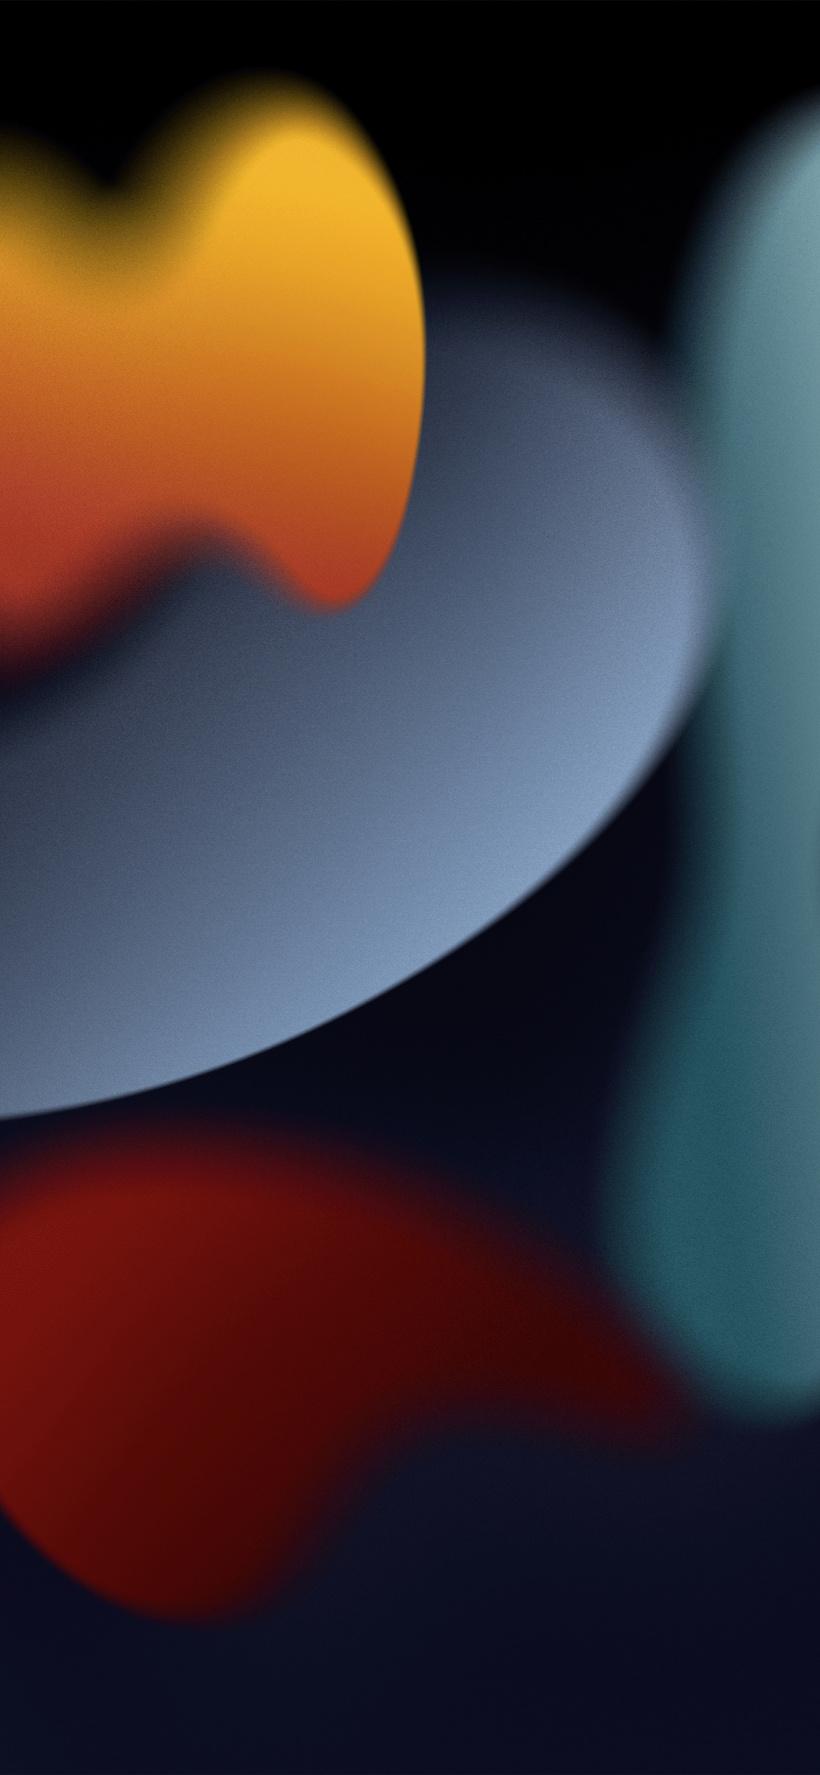 苹果 iOS 15/iPadOS 15/macOS 12 Monterey 官方壁纸分享